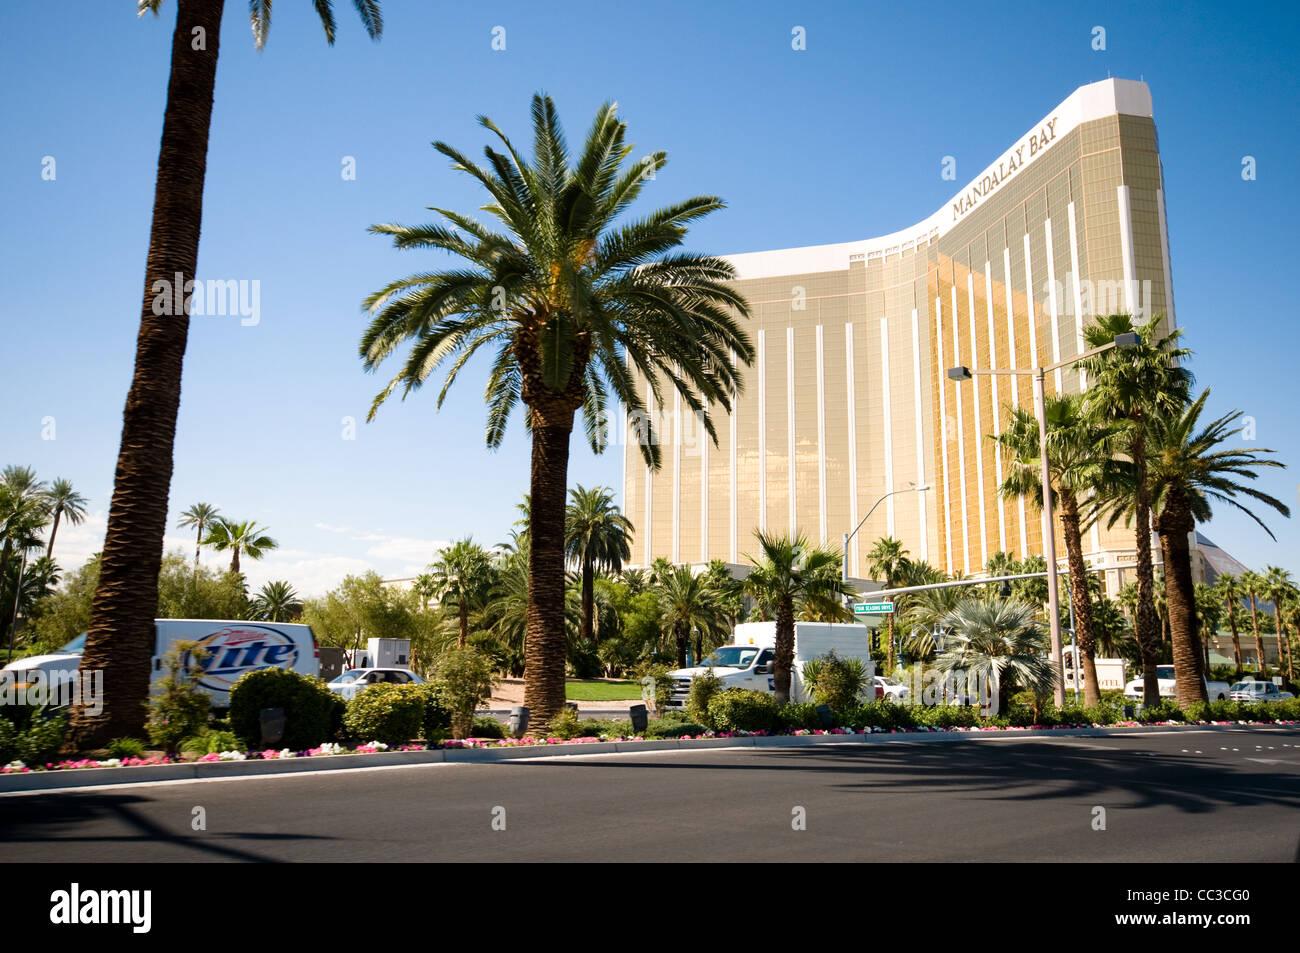 las vegas daytime palm trees stock photos las vegas daytime palm